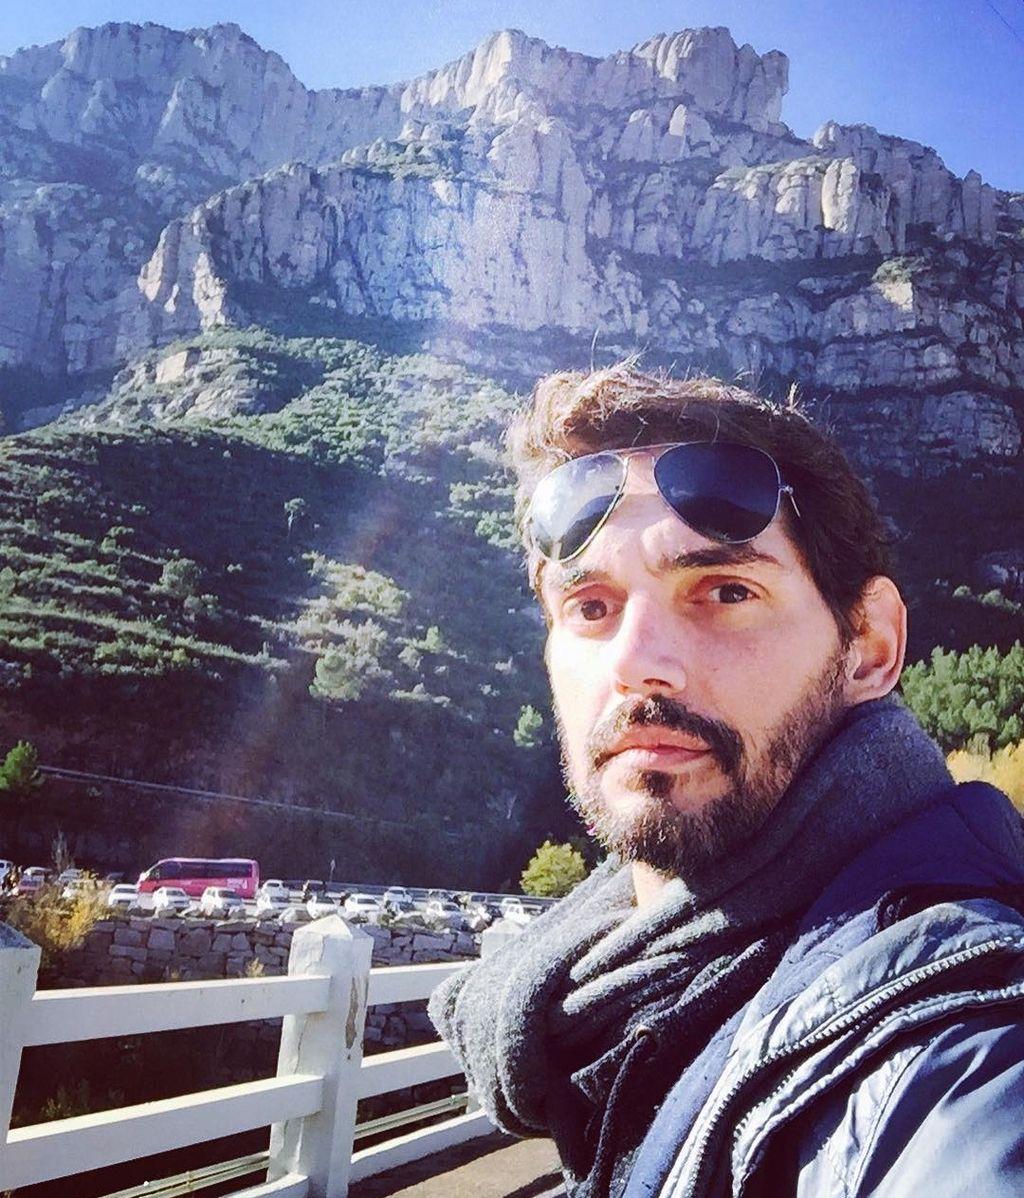 Josep Lobató en su cuenta de Instagram